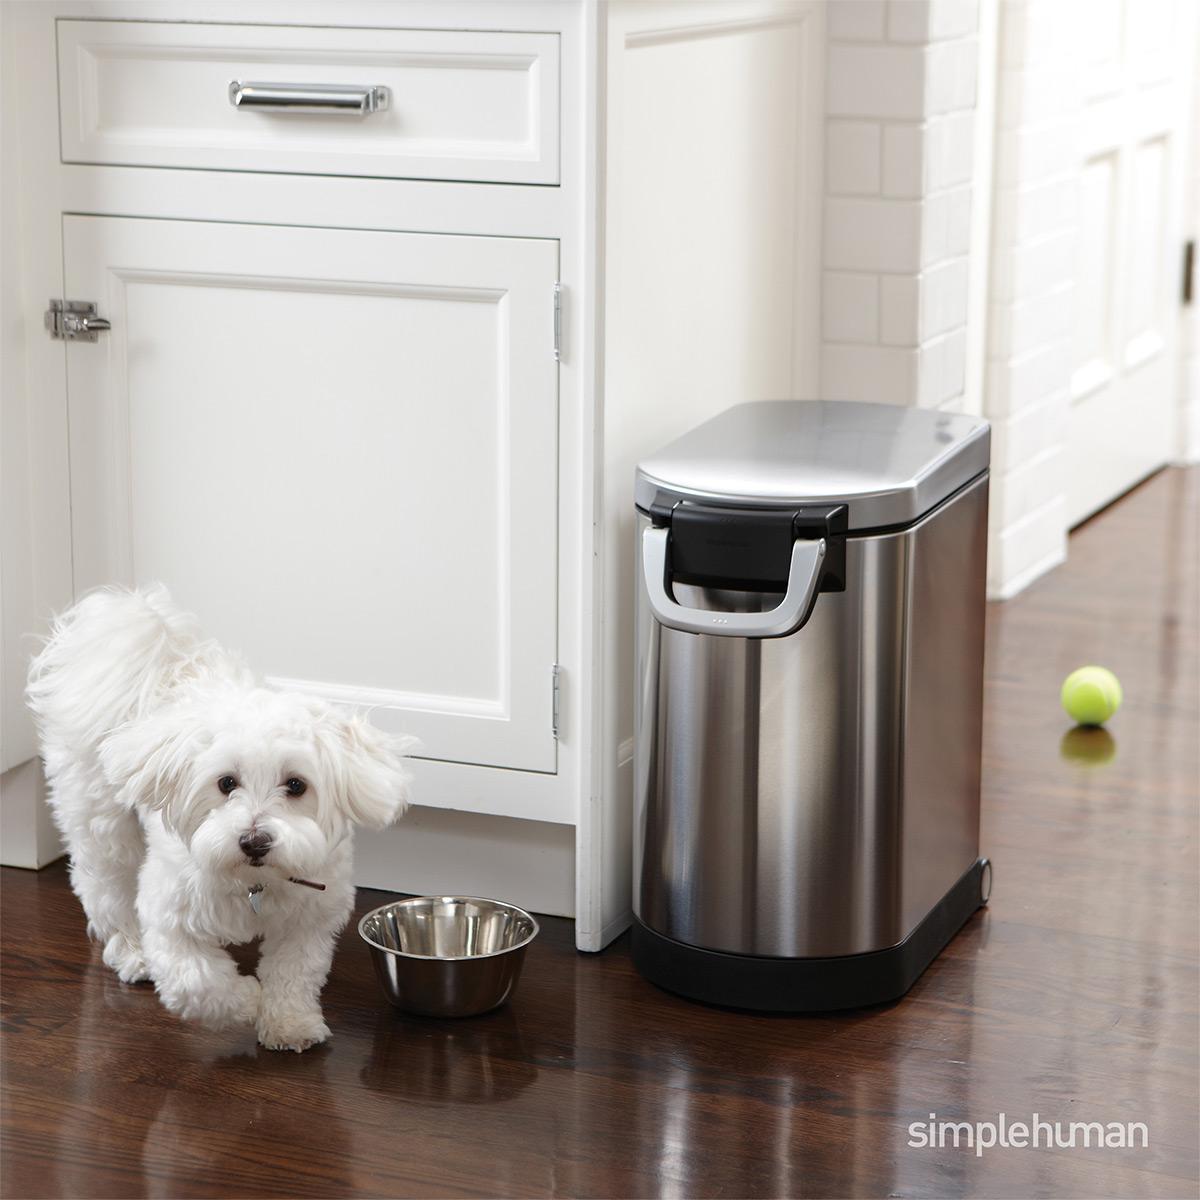 simplehuman 29 lb. Pet Food Container